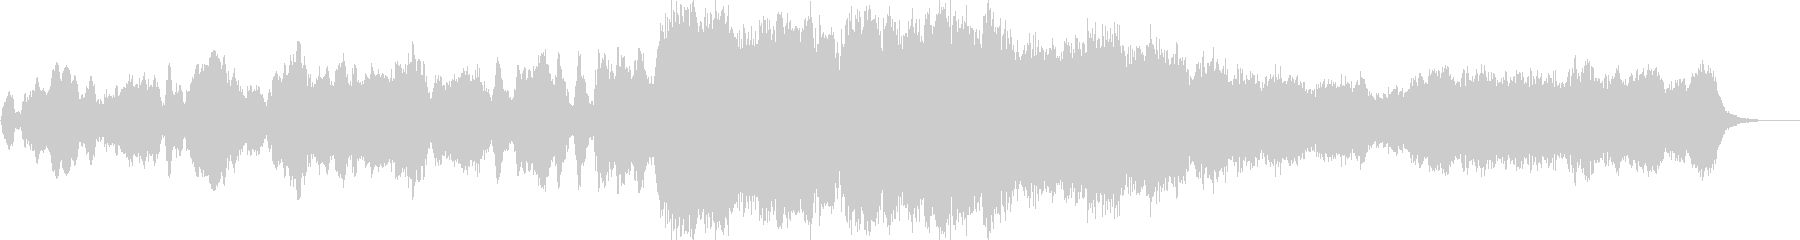 30秒のポジティブなオーケストラジングルの未再生の波形